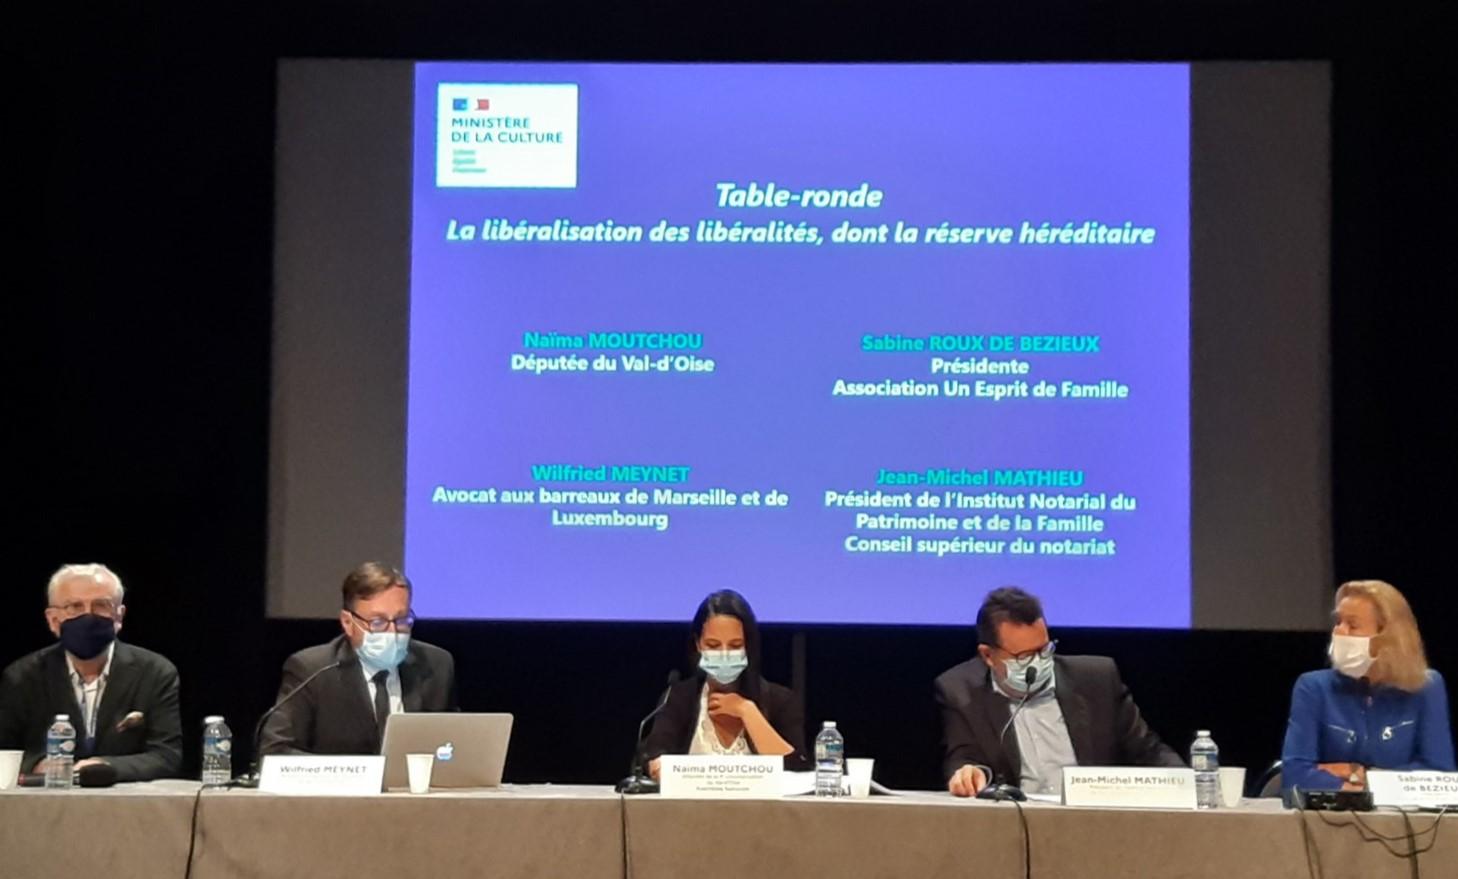 Table ronde du 72e Jeudi du mécénat sur « Le Philanthropie à la française » - 17 septembre 2020